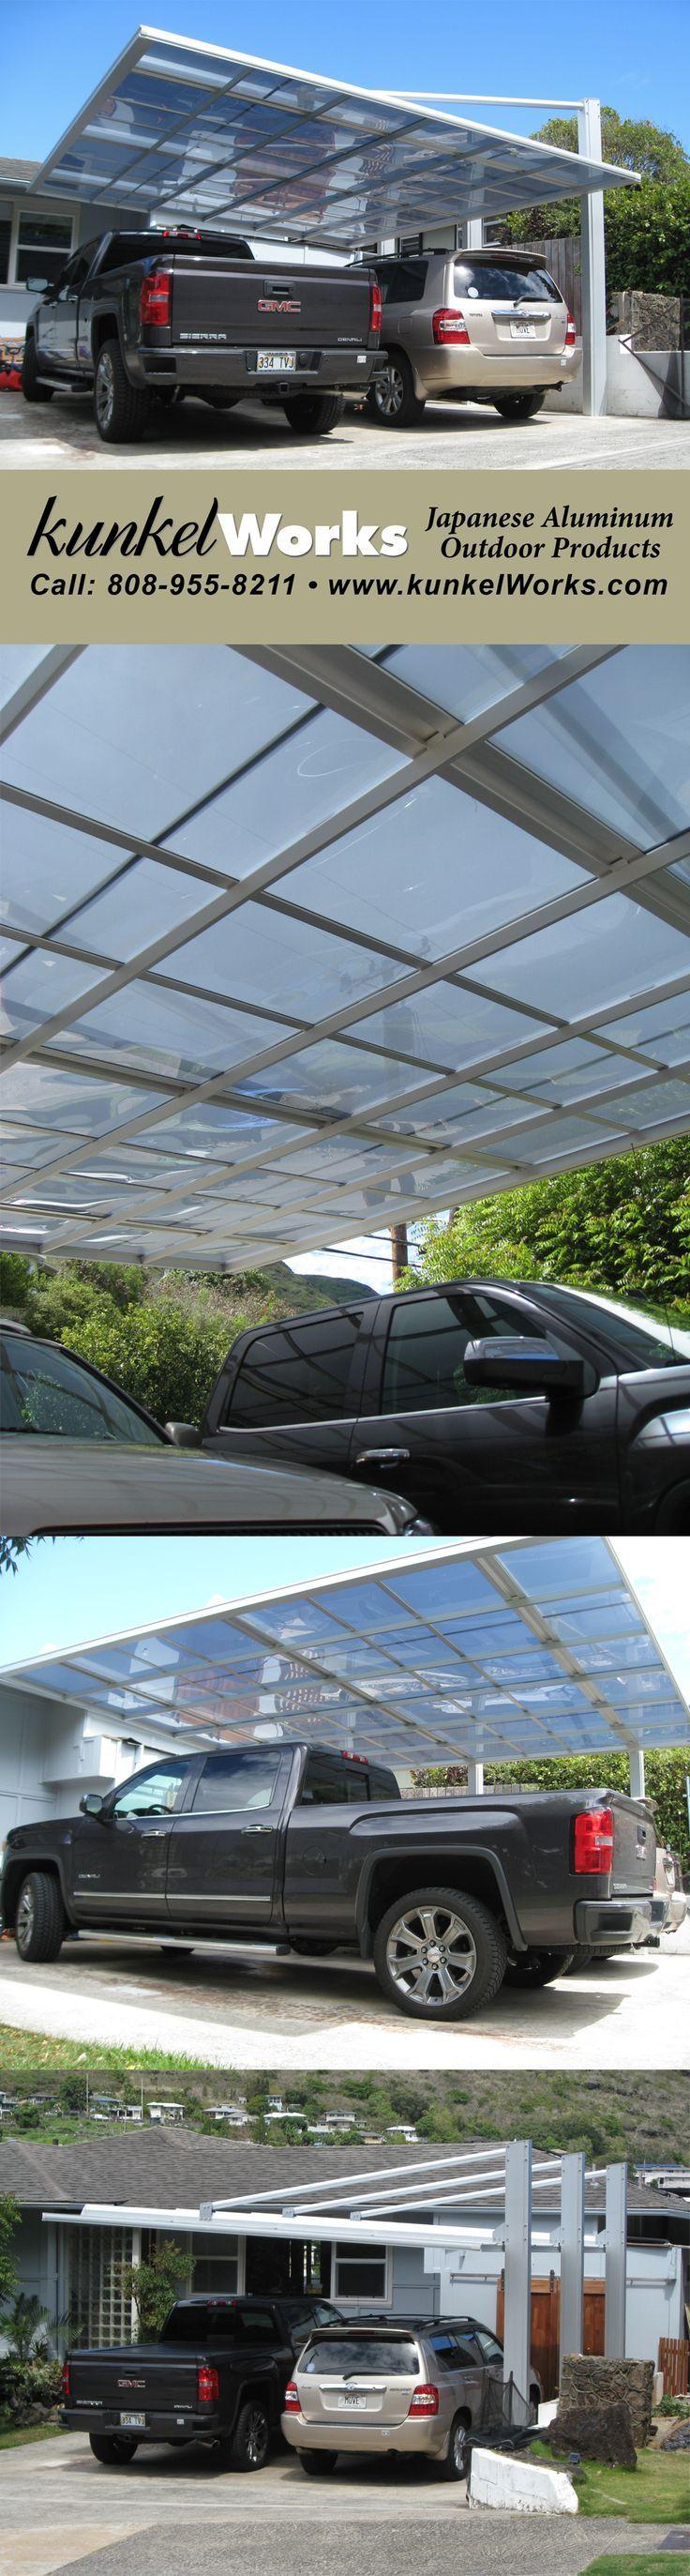 ff68f4221e591e4dc3bab47a6b488016--carport-ideas-car-ports Luxe De Abri Moto Exterieur Concept